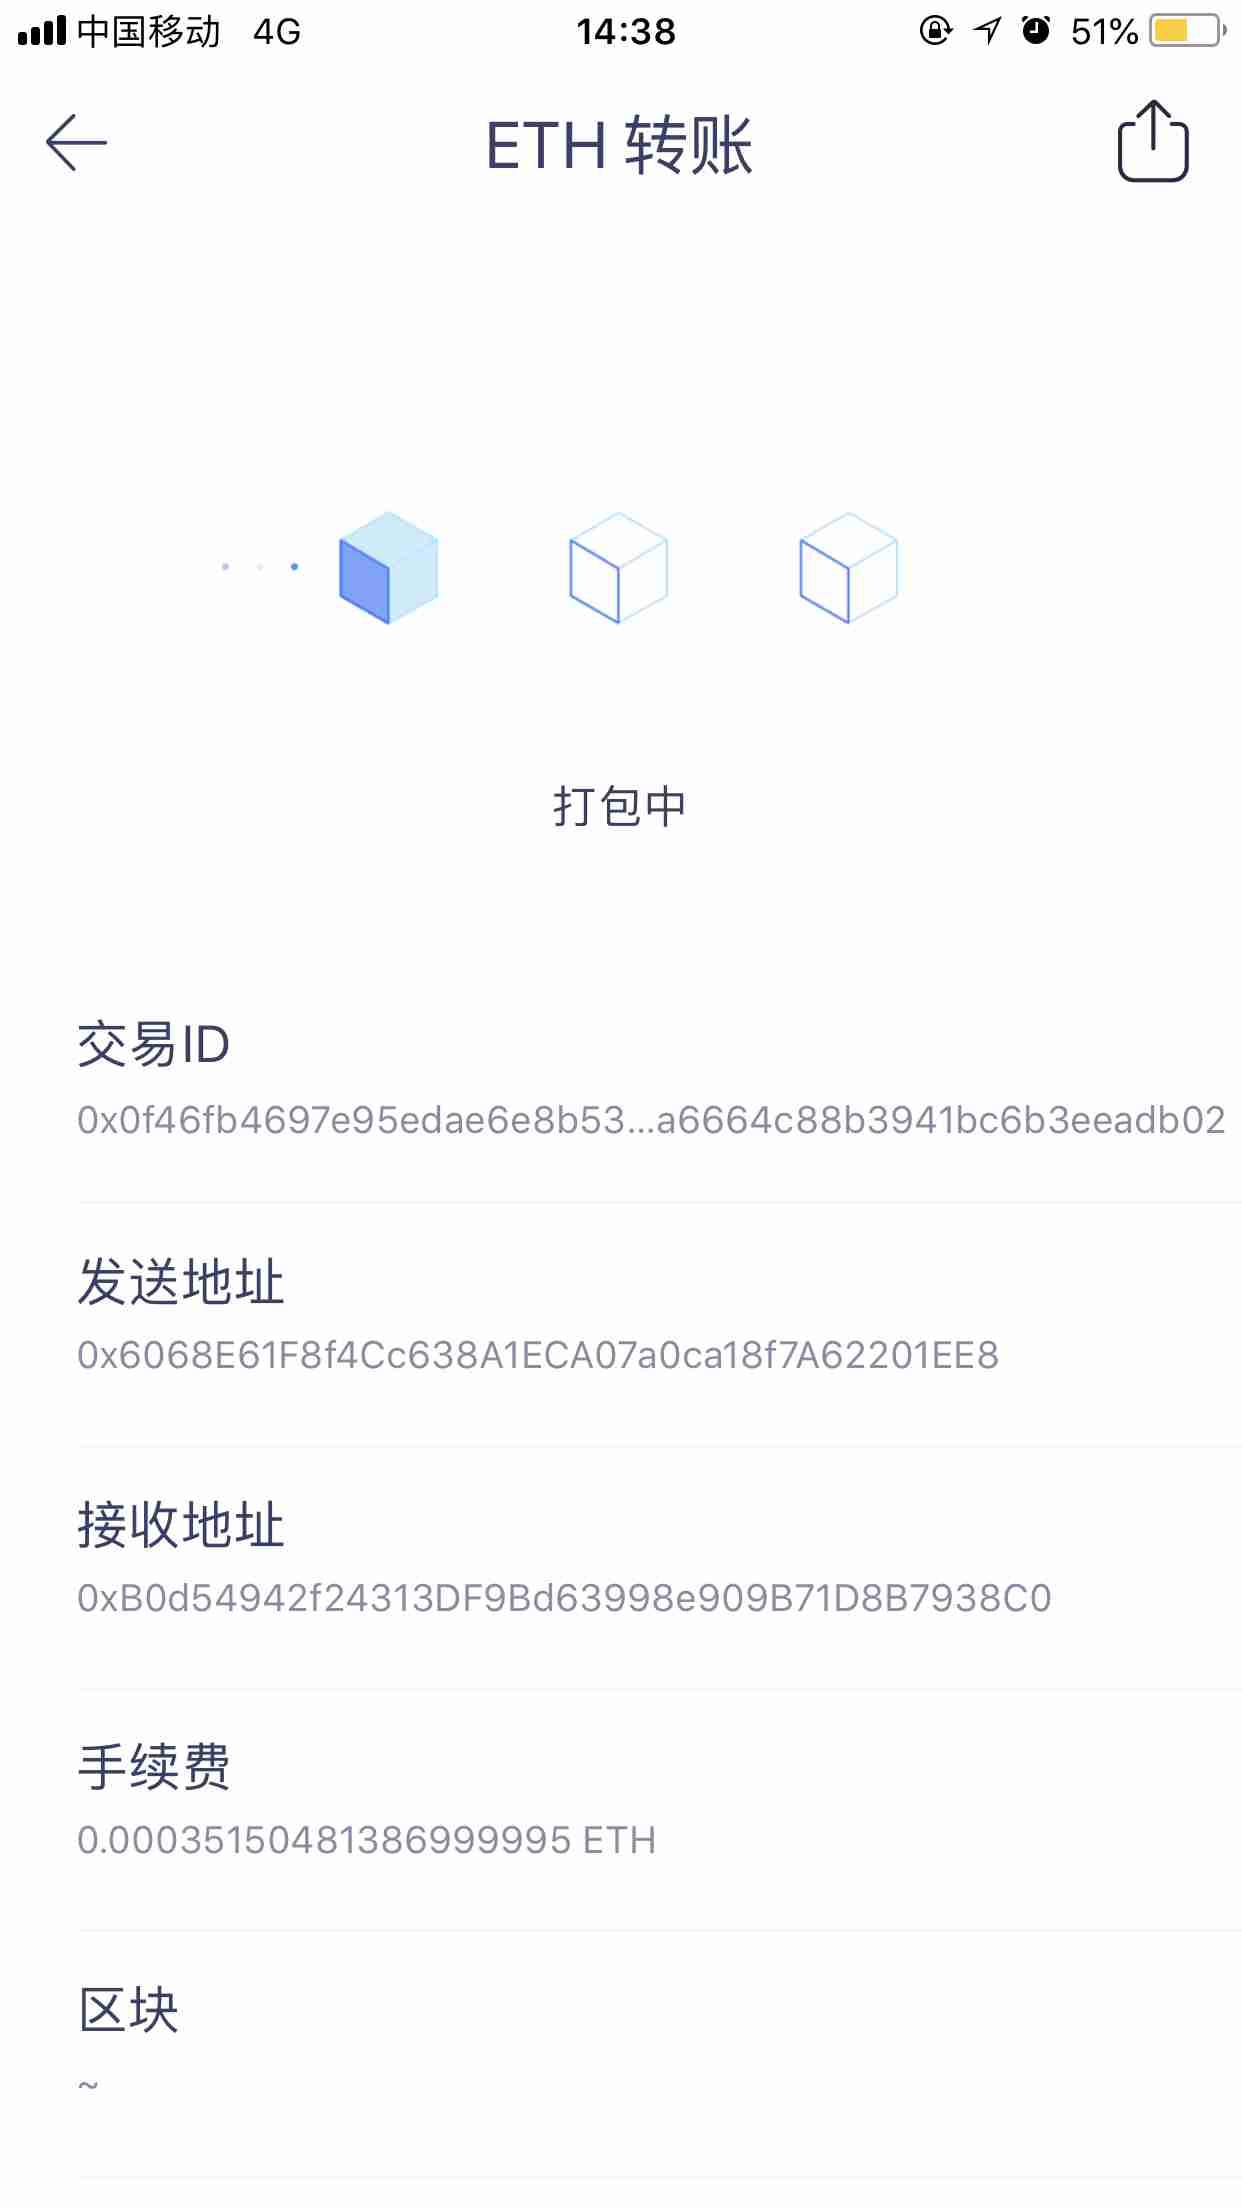 2018-08-17_143833___.jpg